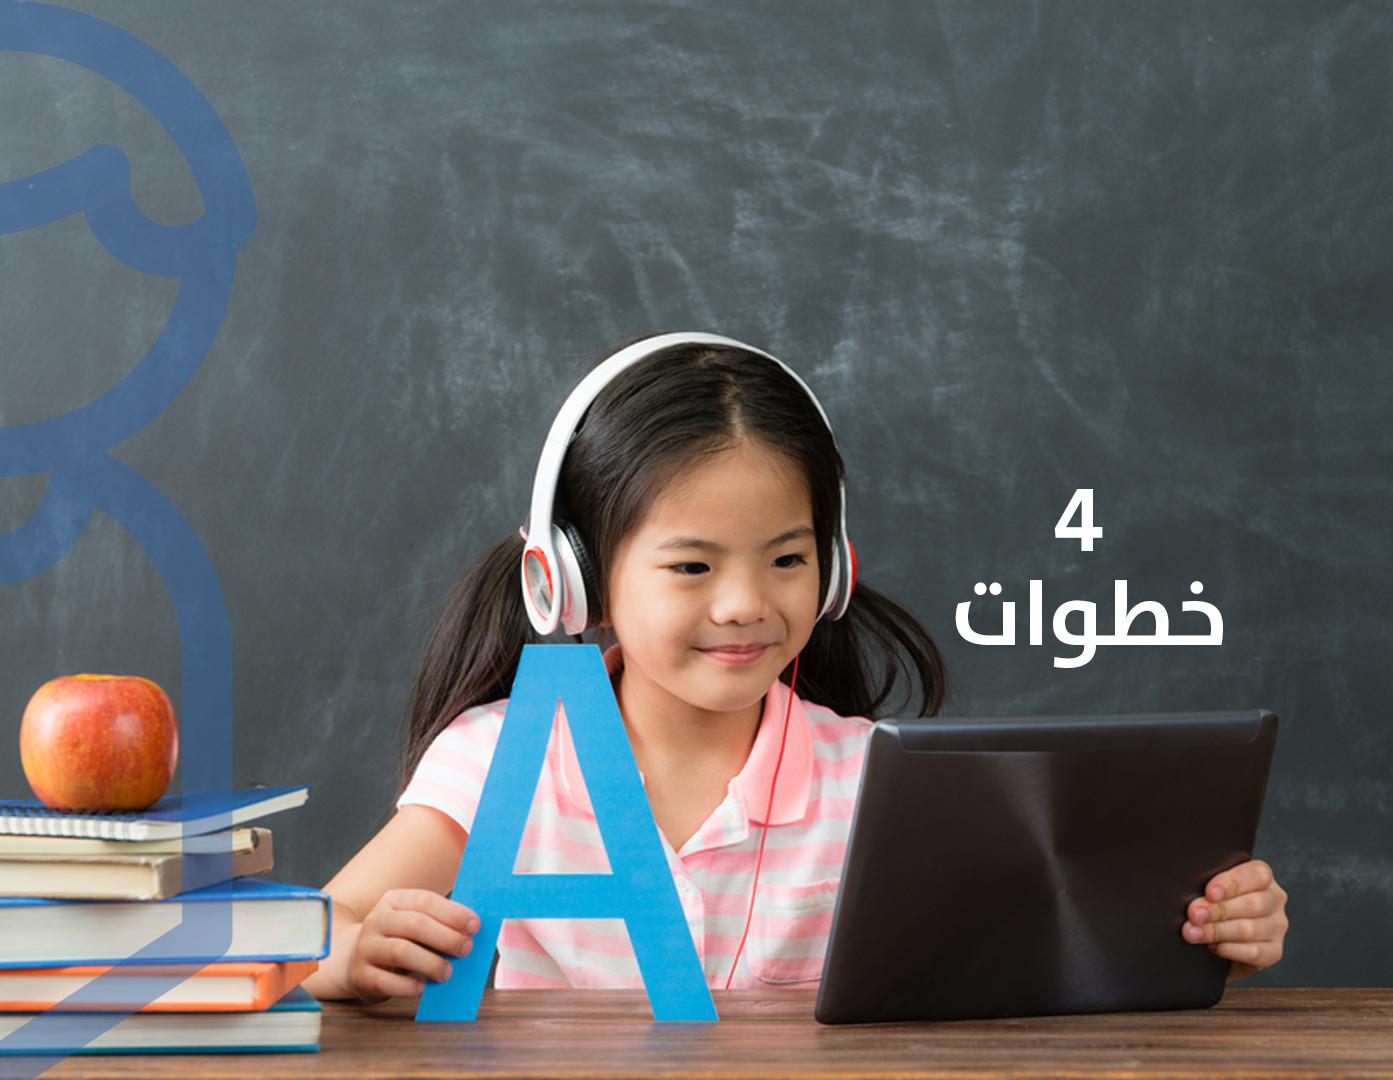 4-خطوات-لعلاقة-جيدة-تدمع-طفلك-بالهواتف-الذكية